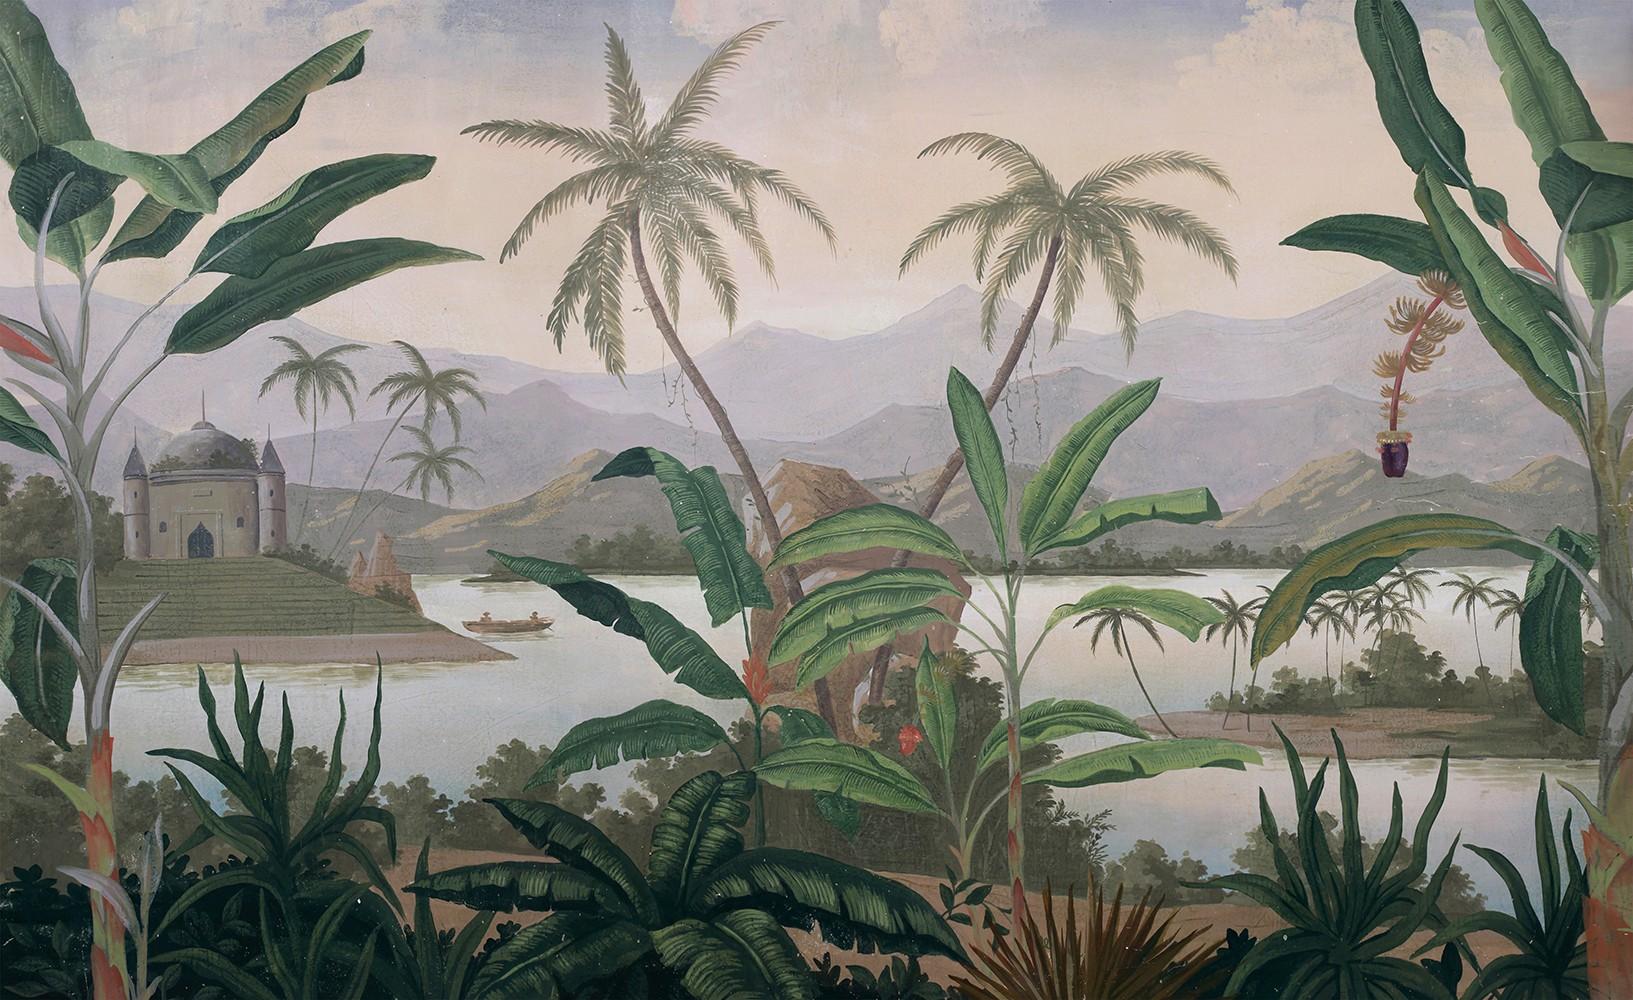 Papier Peint Panoramique Paysage papier peint panoramique mandalay couleur